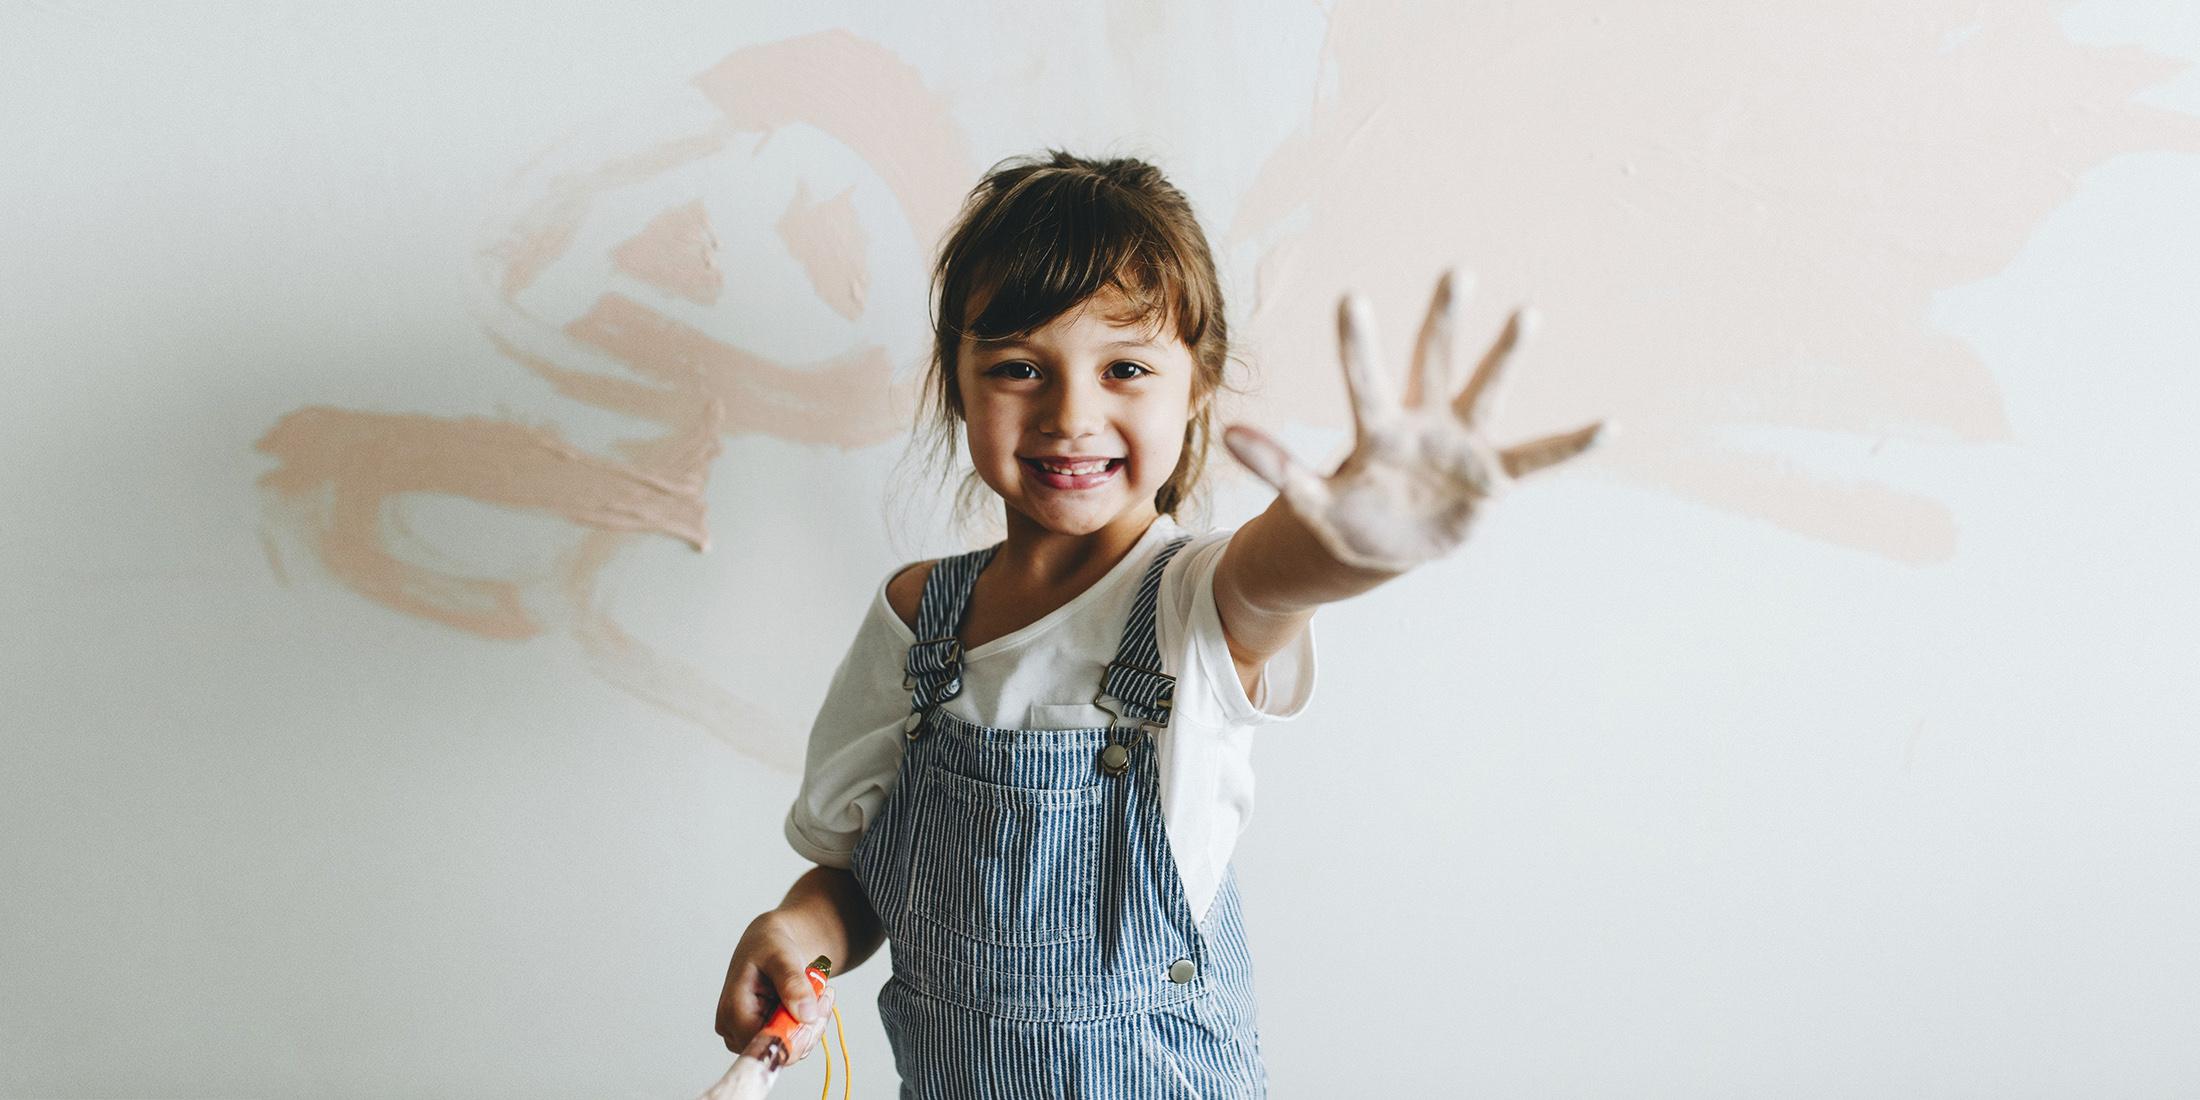 Brudne dziecko to szczęśliwe dziecko - dlaczego warto pozwolić dziecku się brudzić?